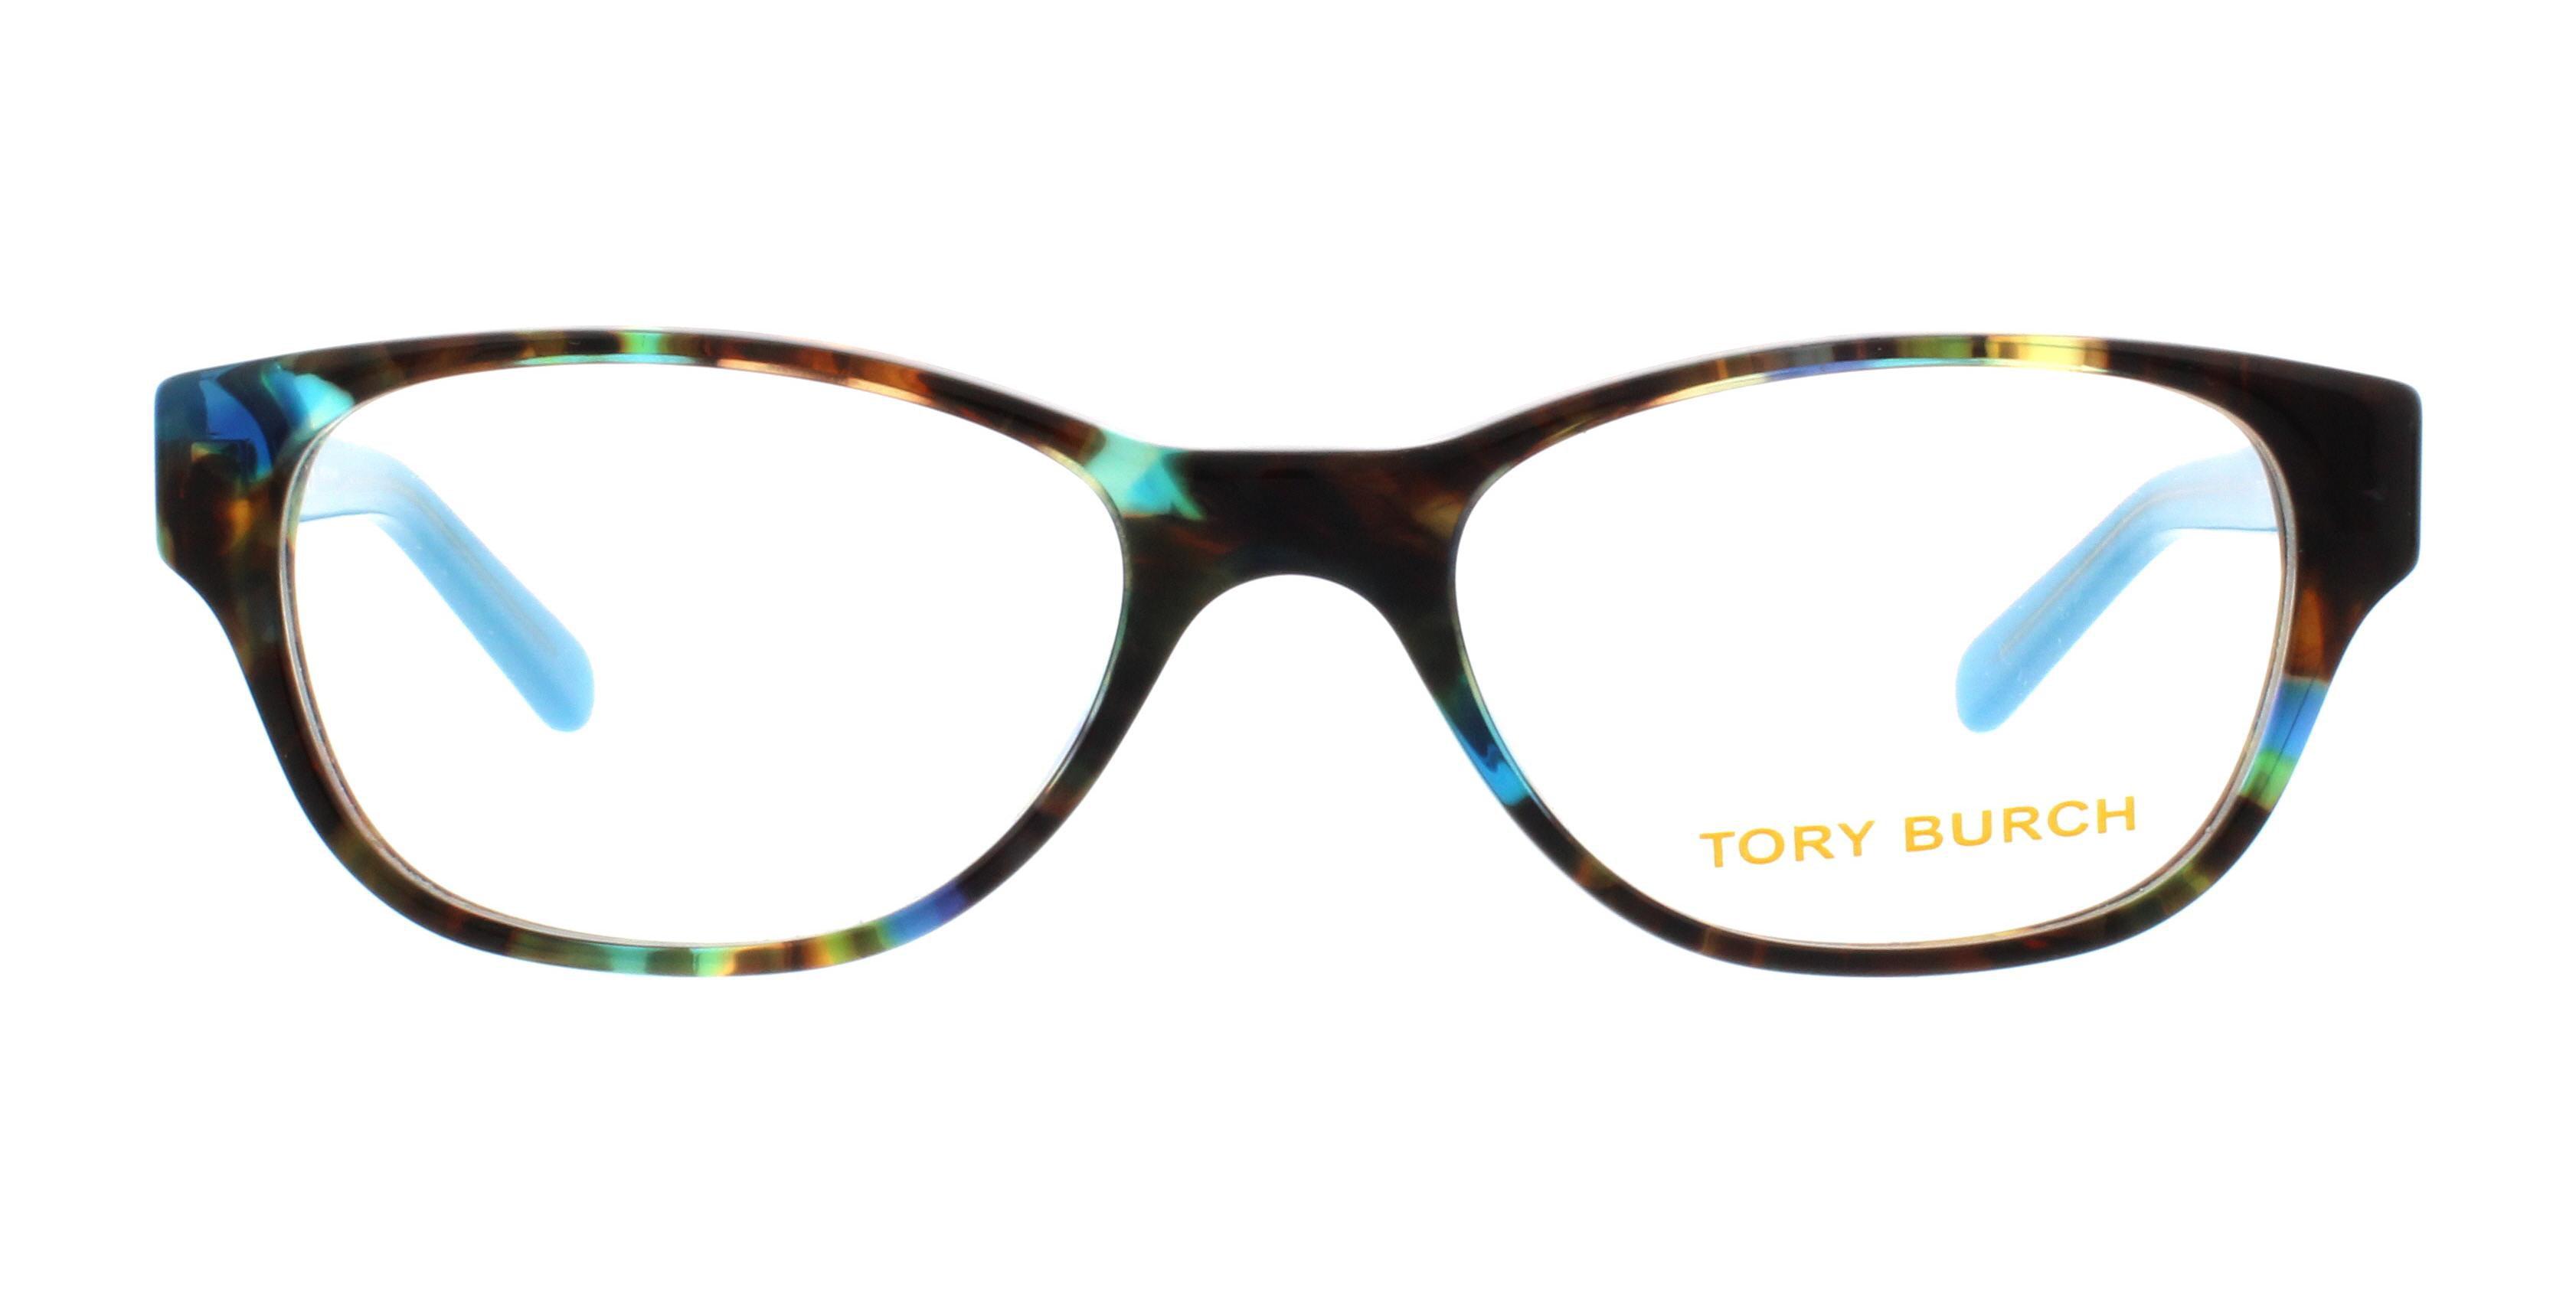 37da41f4a7 Tory Burch Eye Glasses - Best Glasses Cnapracticetesting.Com 2018